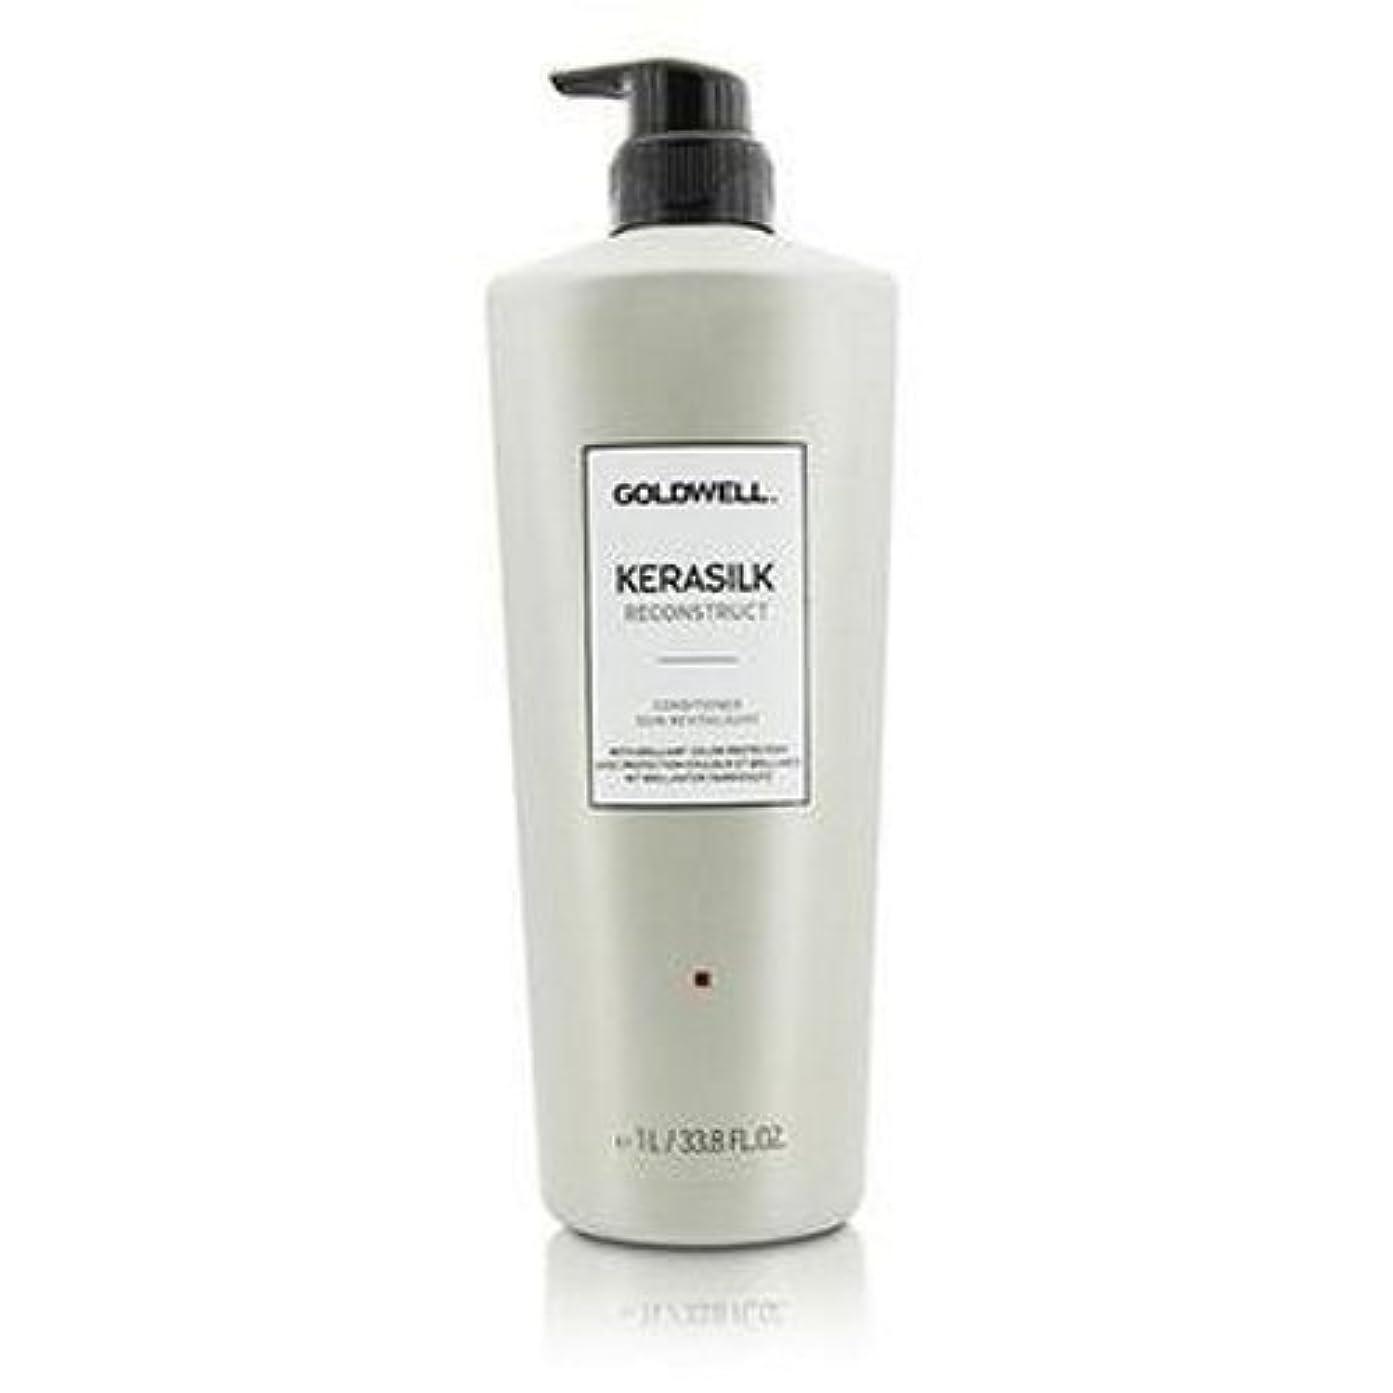 暴行会議ボウリングゴールドウェル Kerasilk Reconstruct Conditioner (For Stressed and Damaged Hair) 1000ml